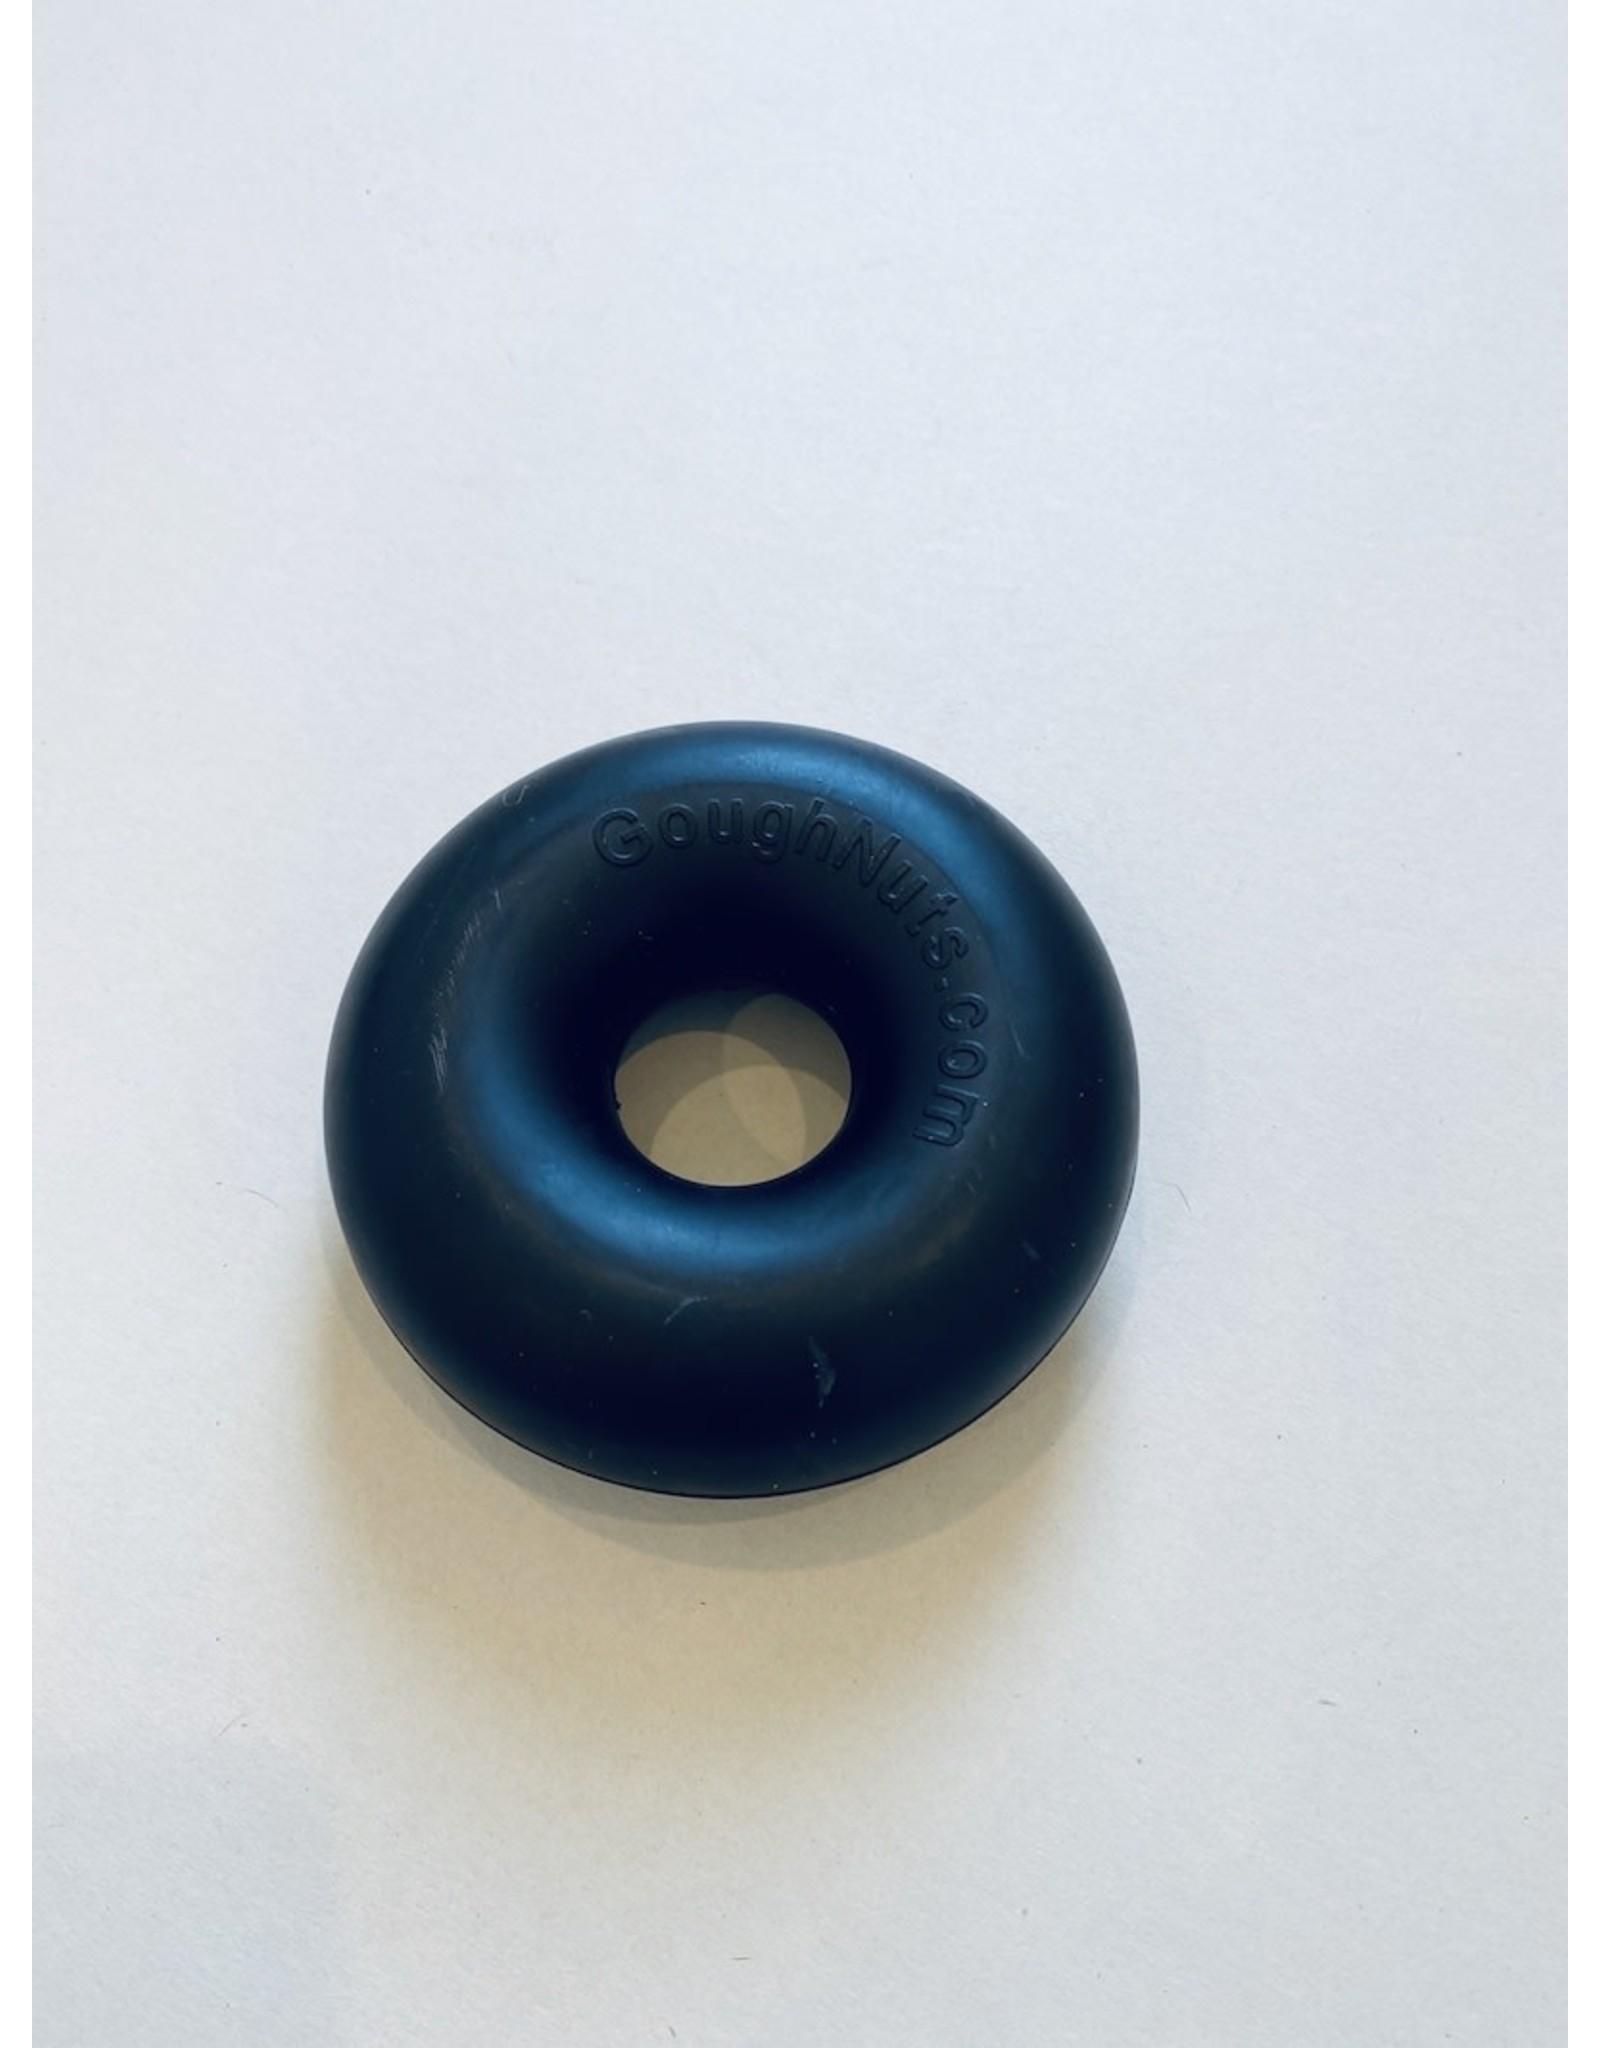 GoughNuts GoughNuts BLACK Original Maxx Ring +extreme